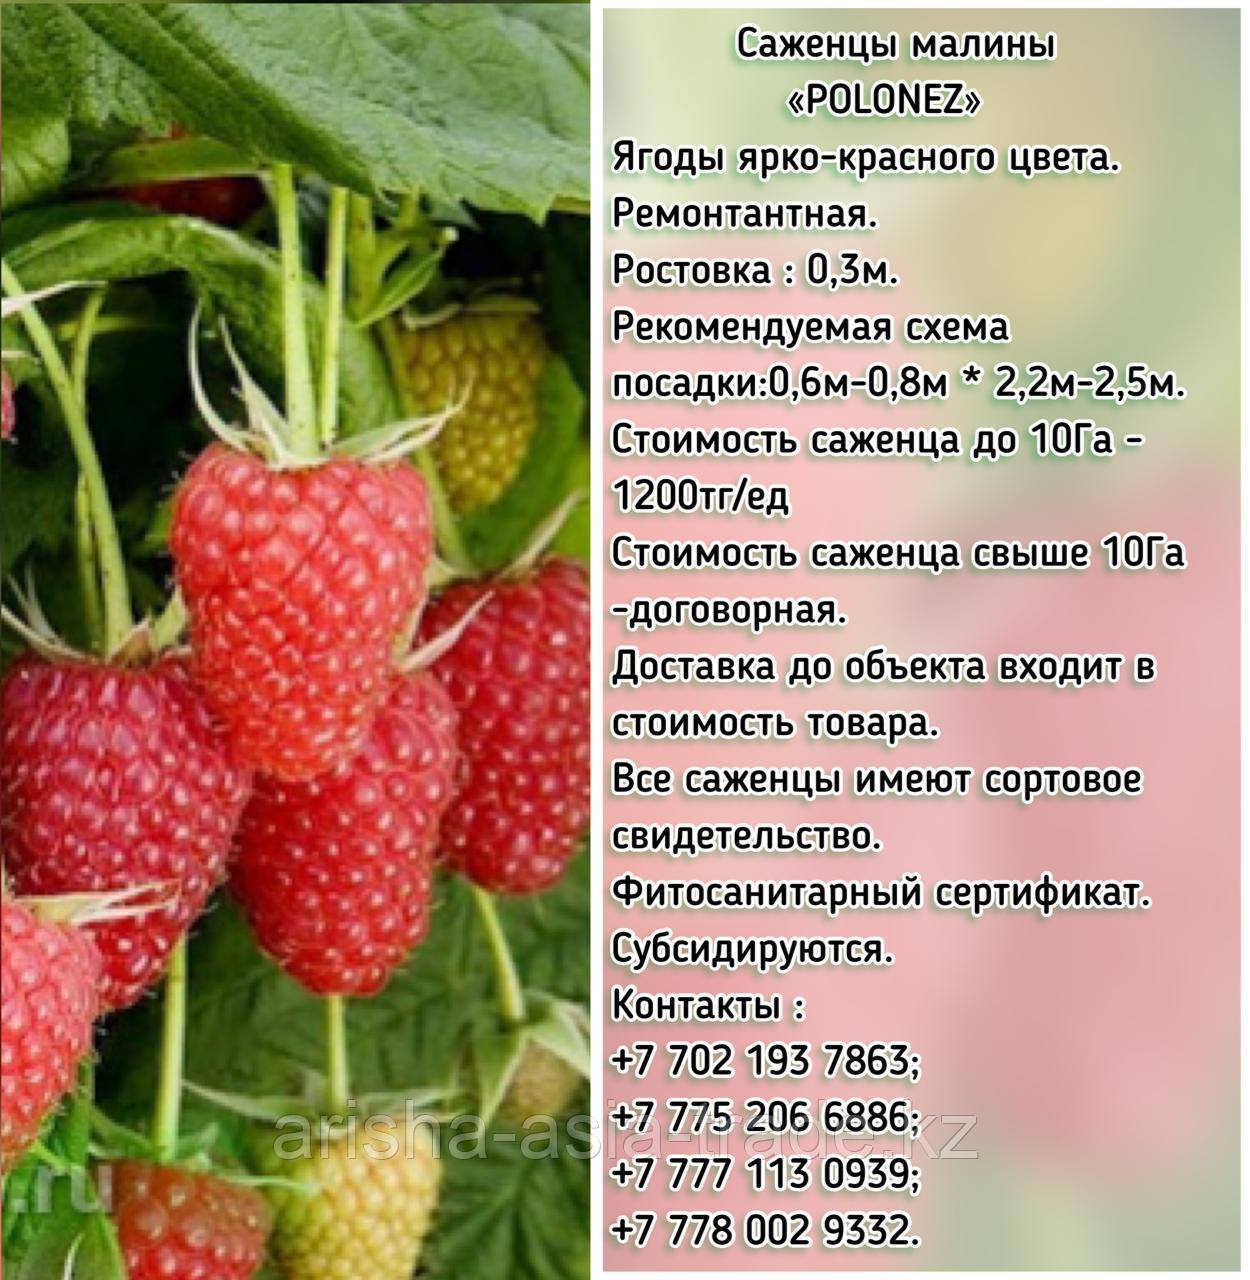 """Саженцы малины """"Polonez"""" (Полонез) Сербия"""